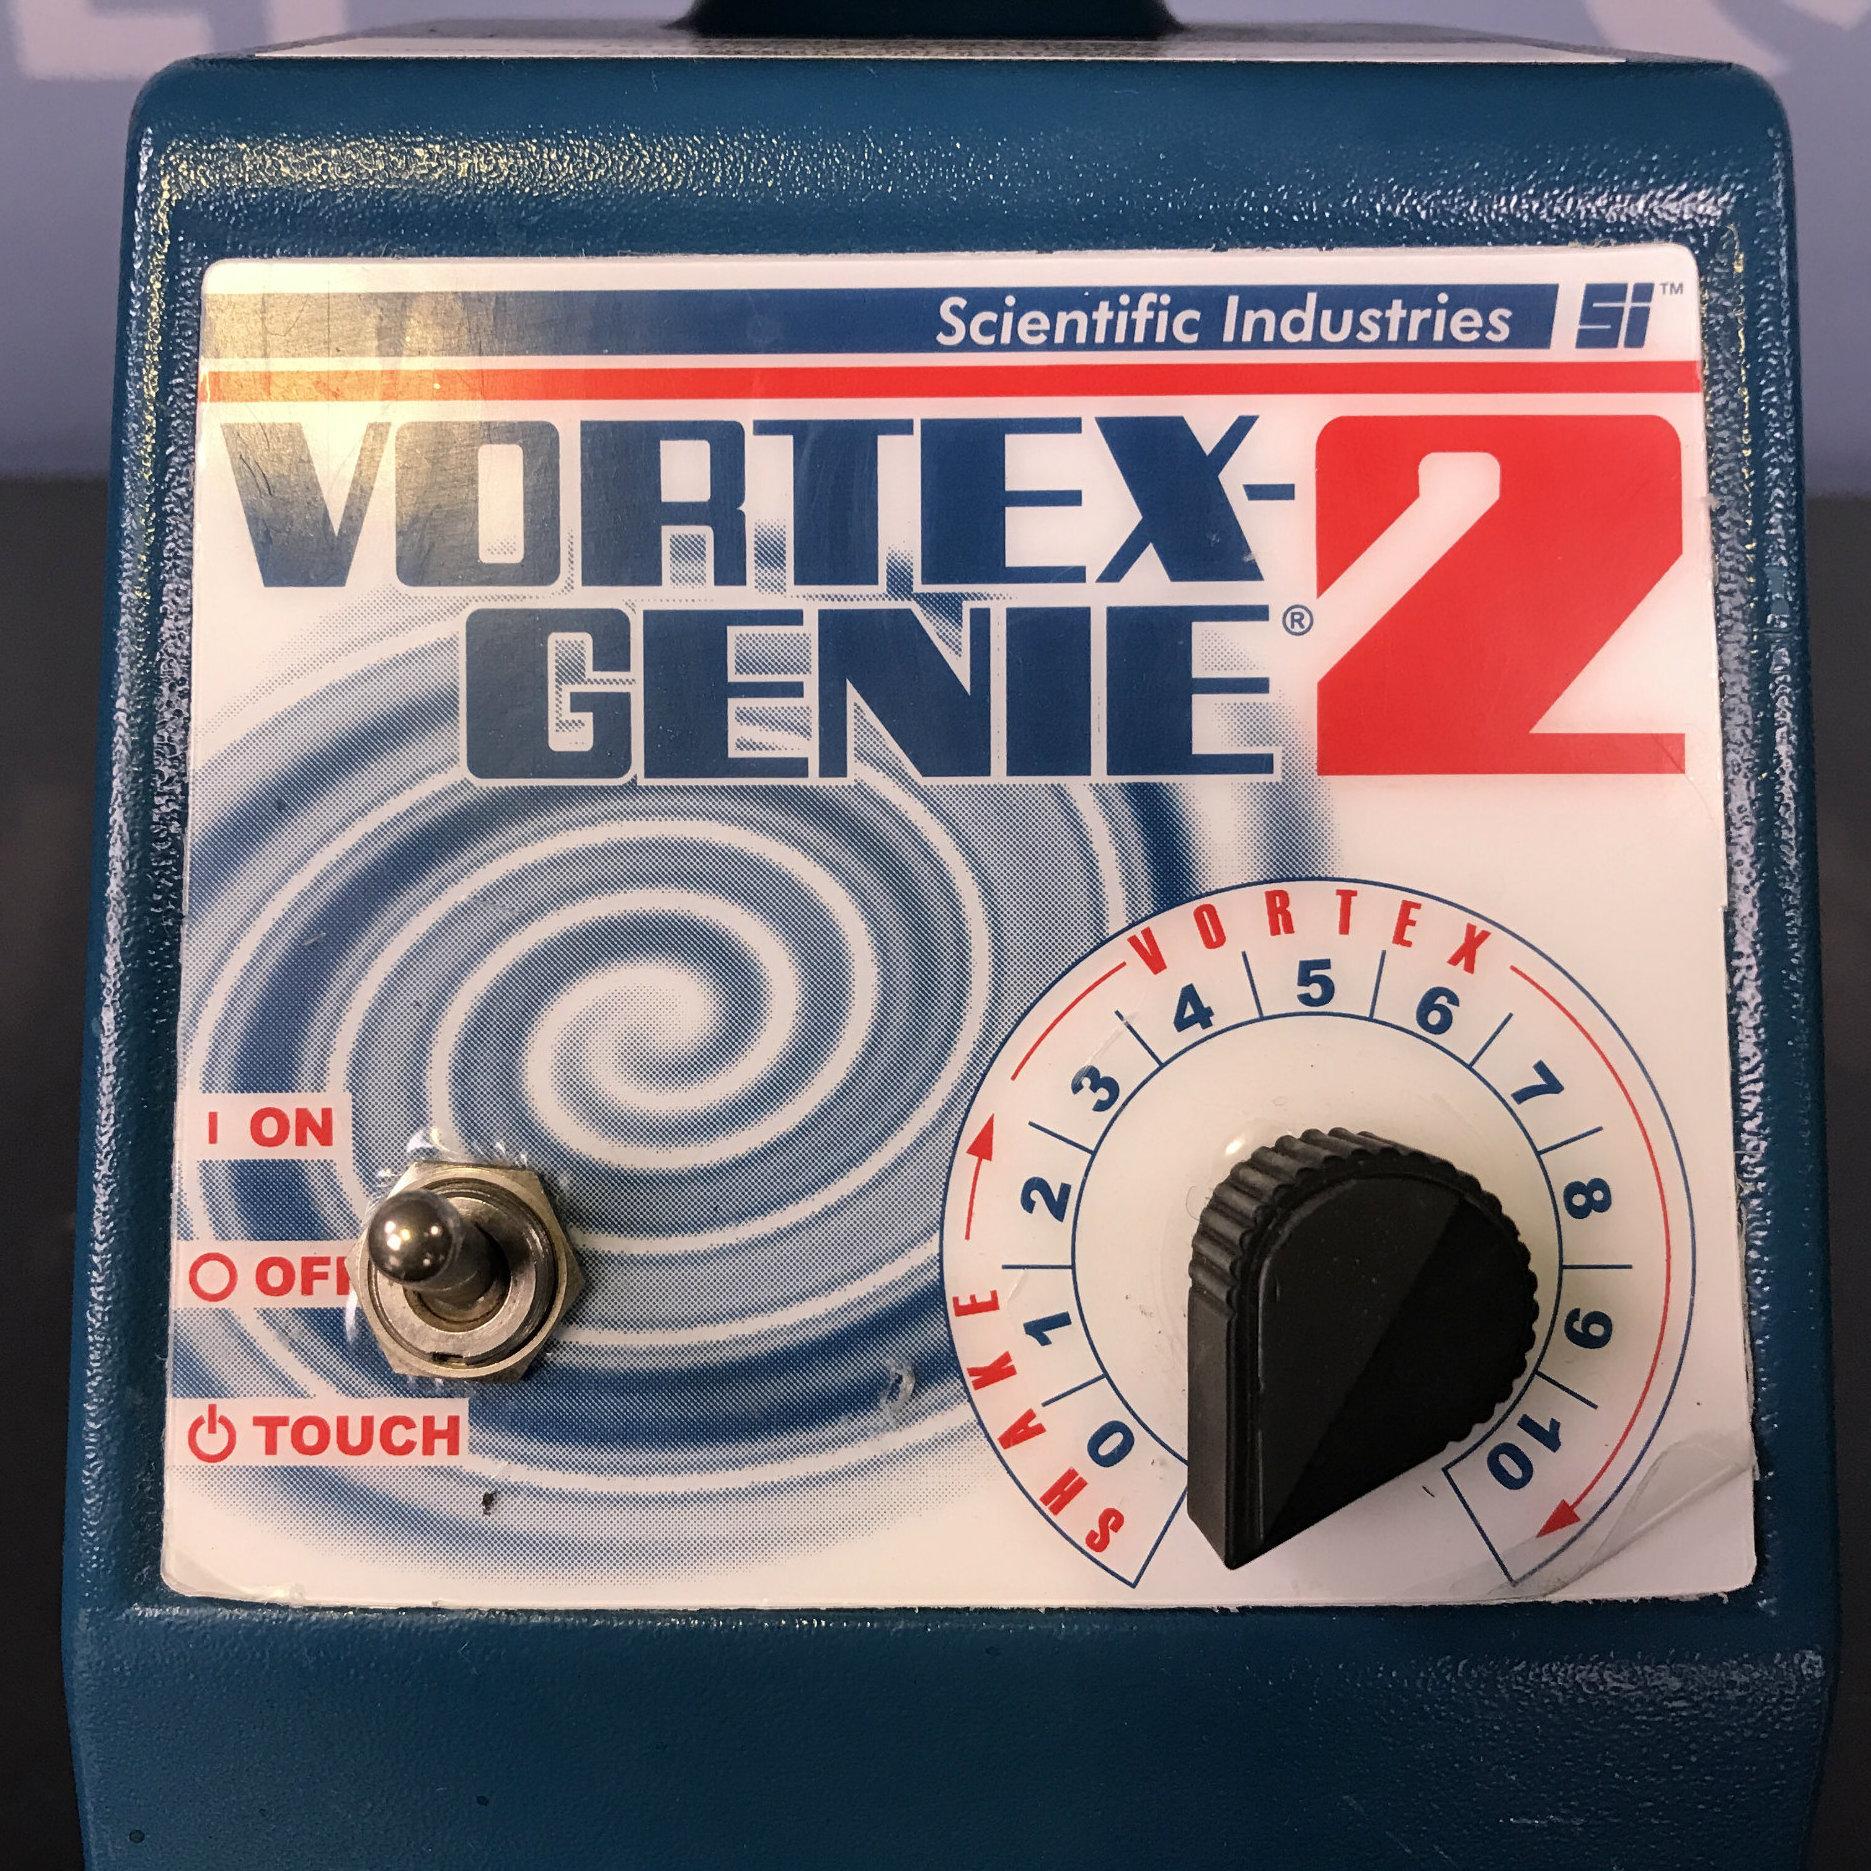 Scientific Industries G560 Vortex Genie 2 Image